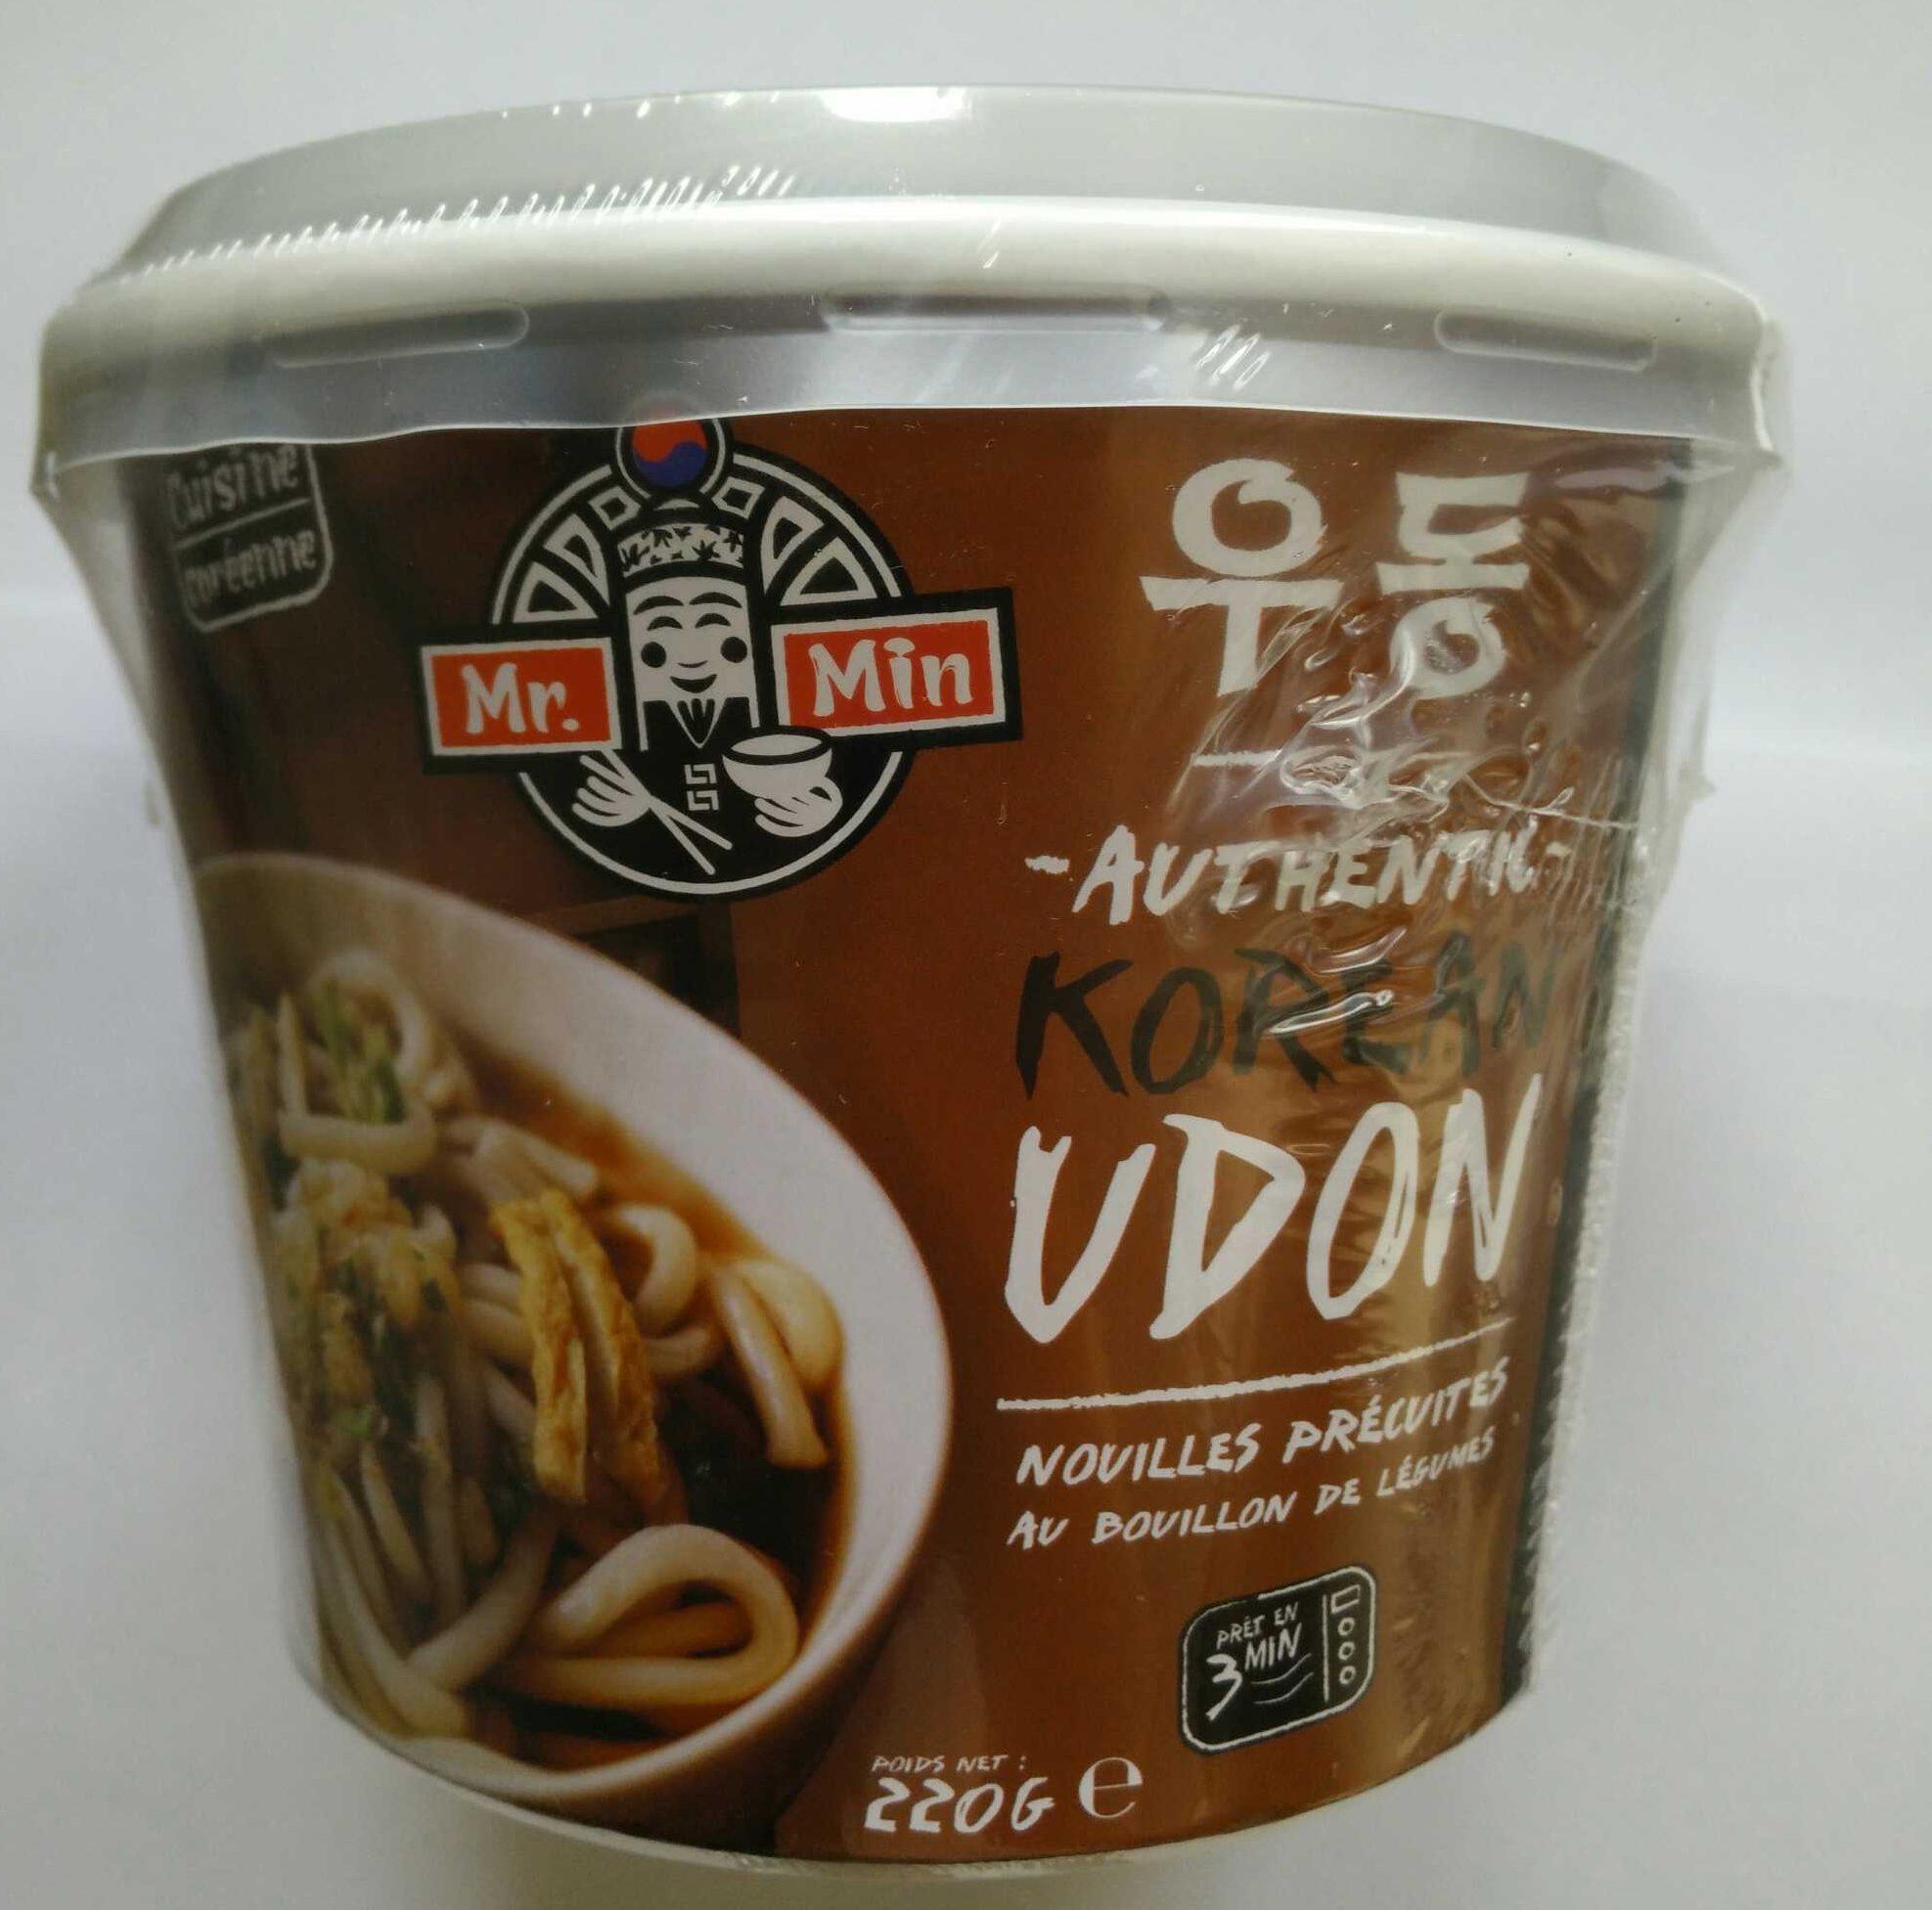 Authentic Korean Udon - Produit - fr